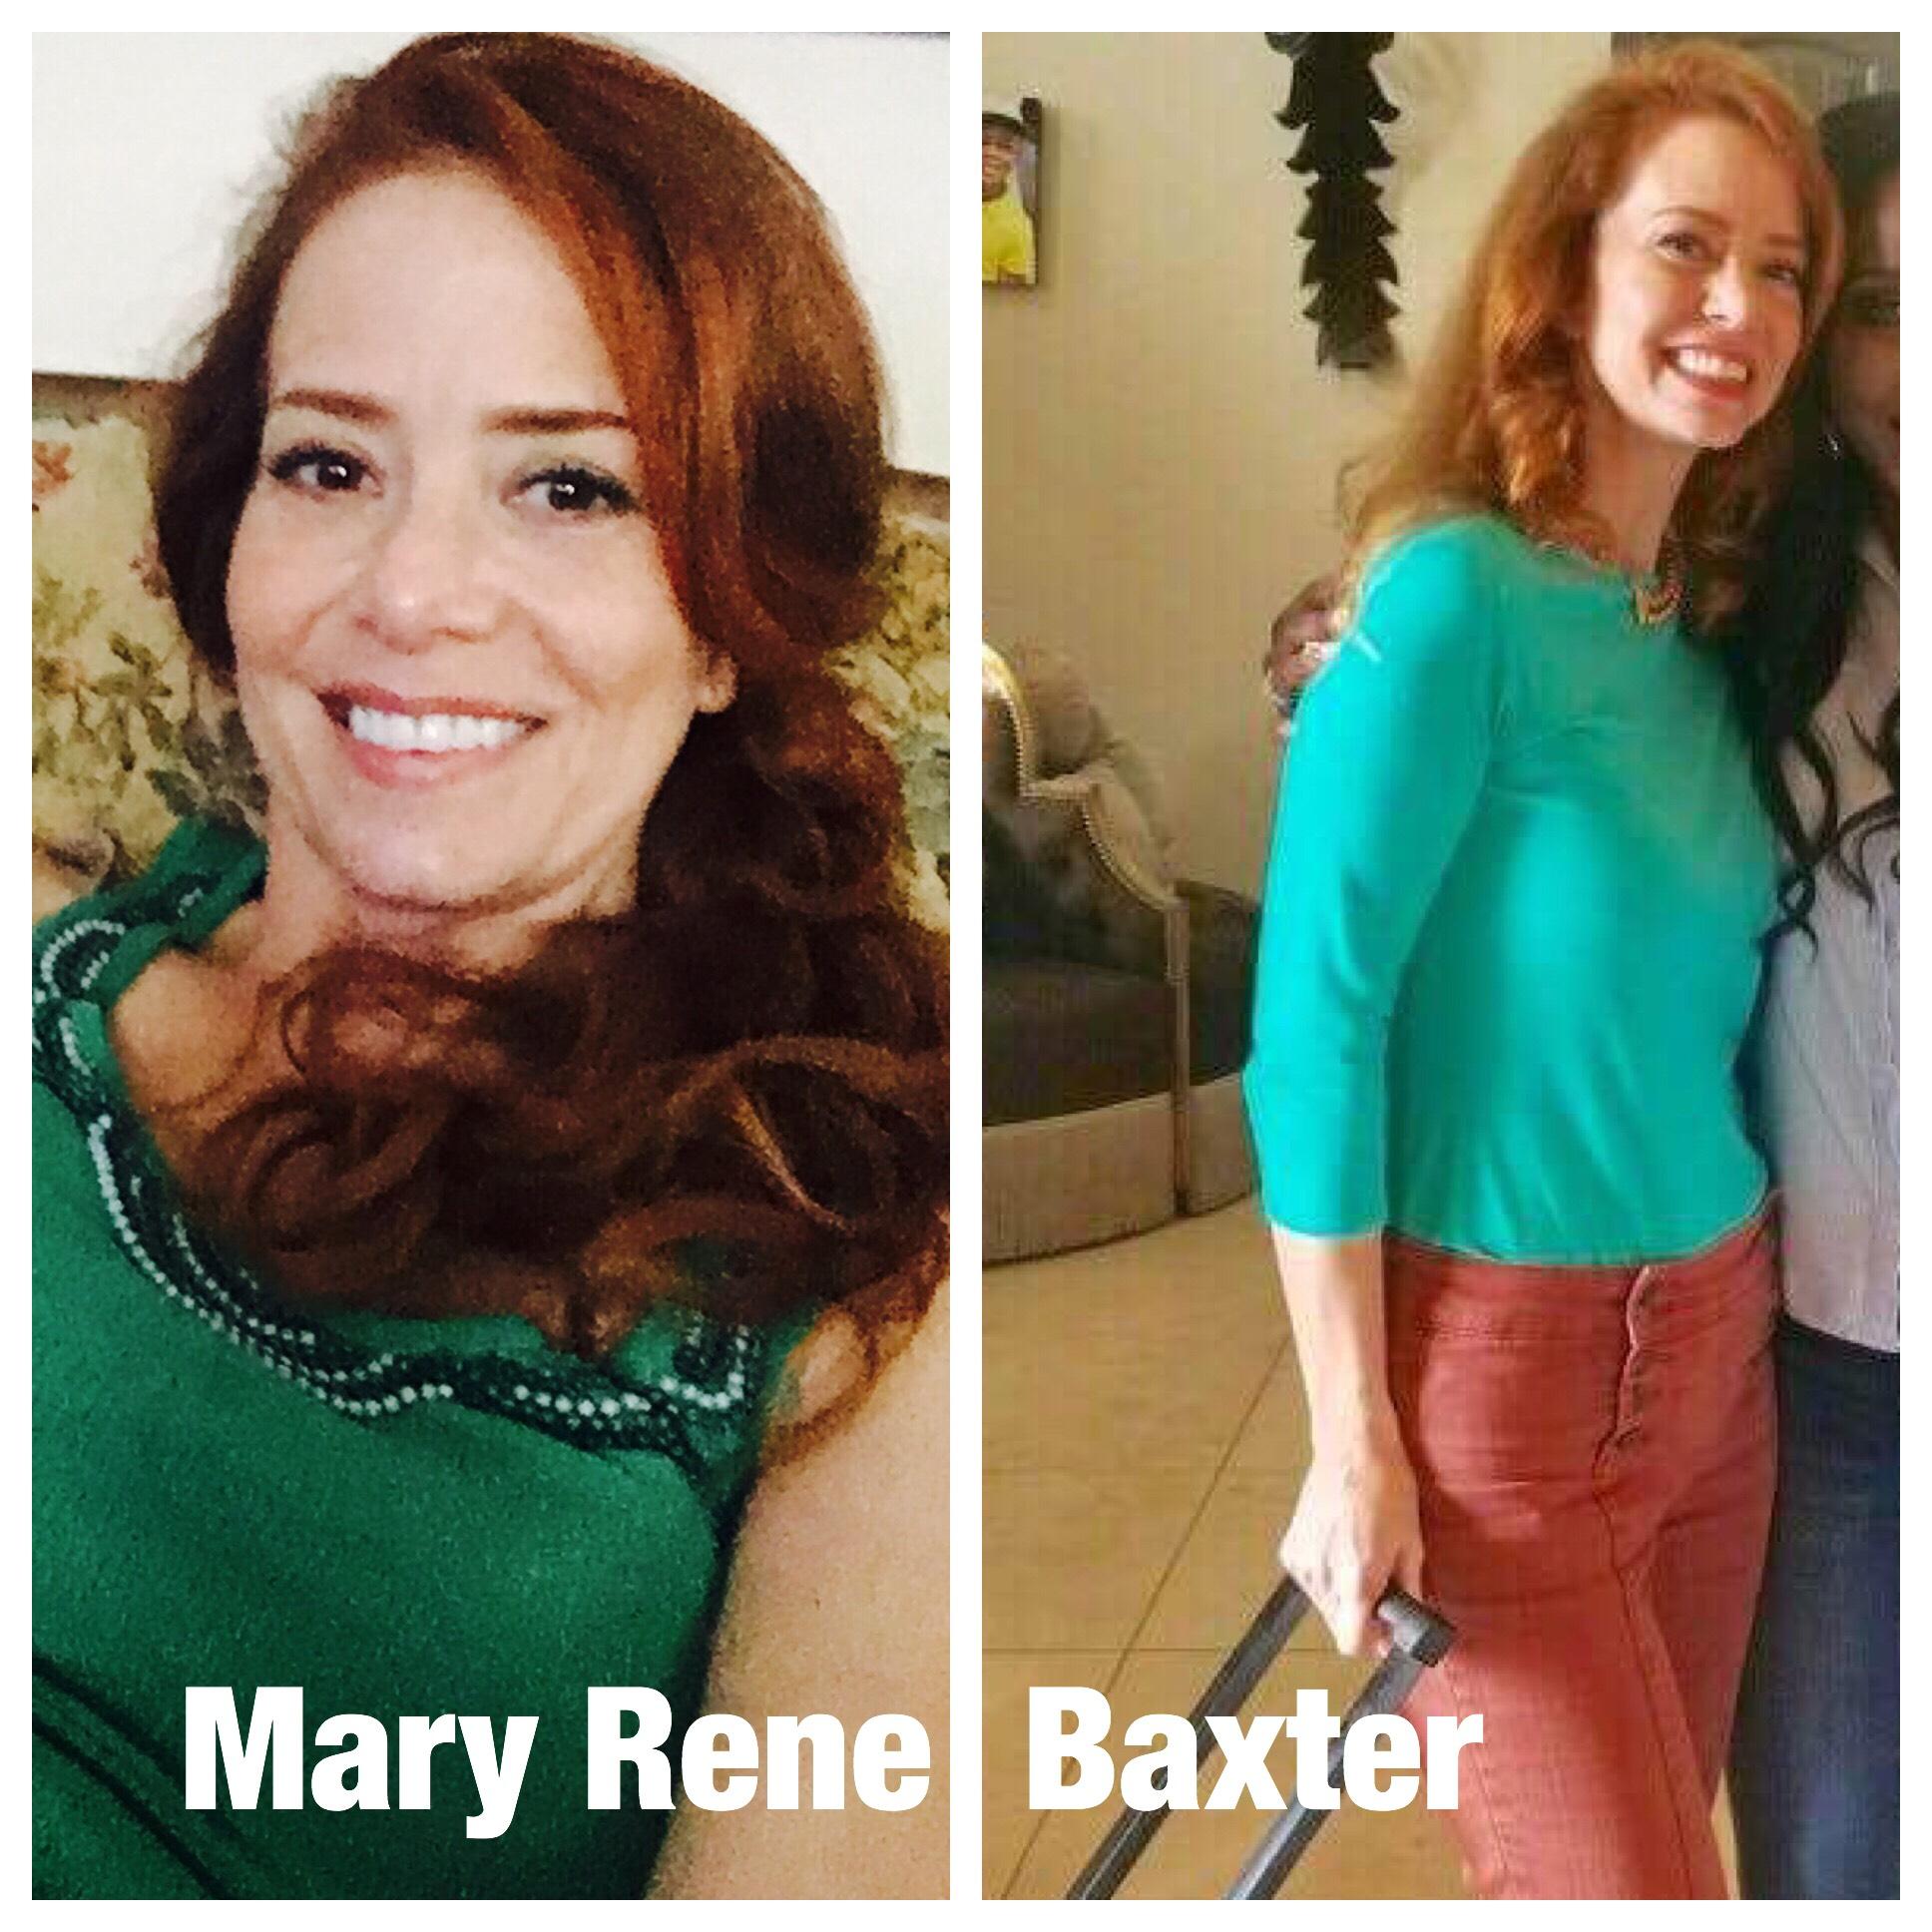 Mary Renee Baxter | Dan